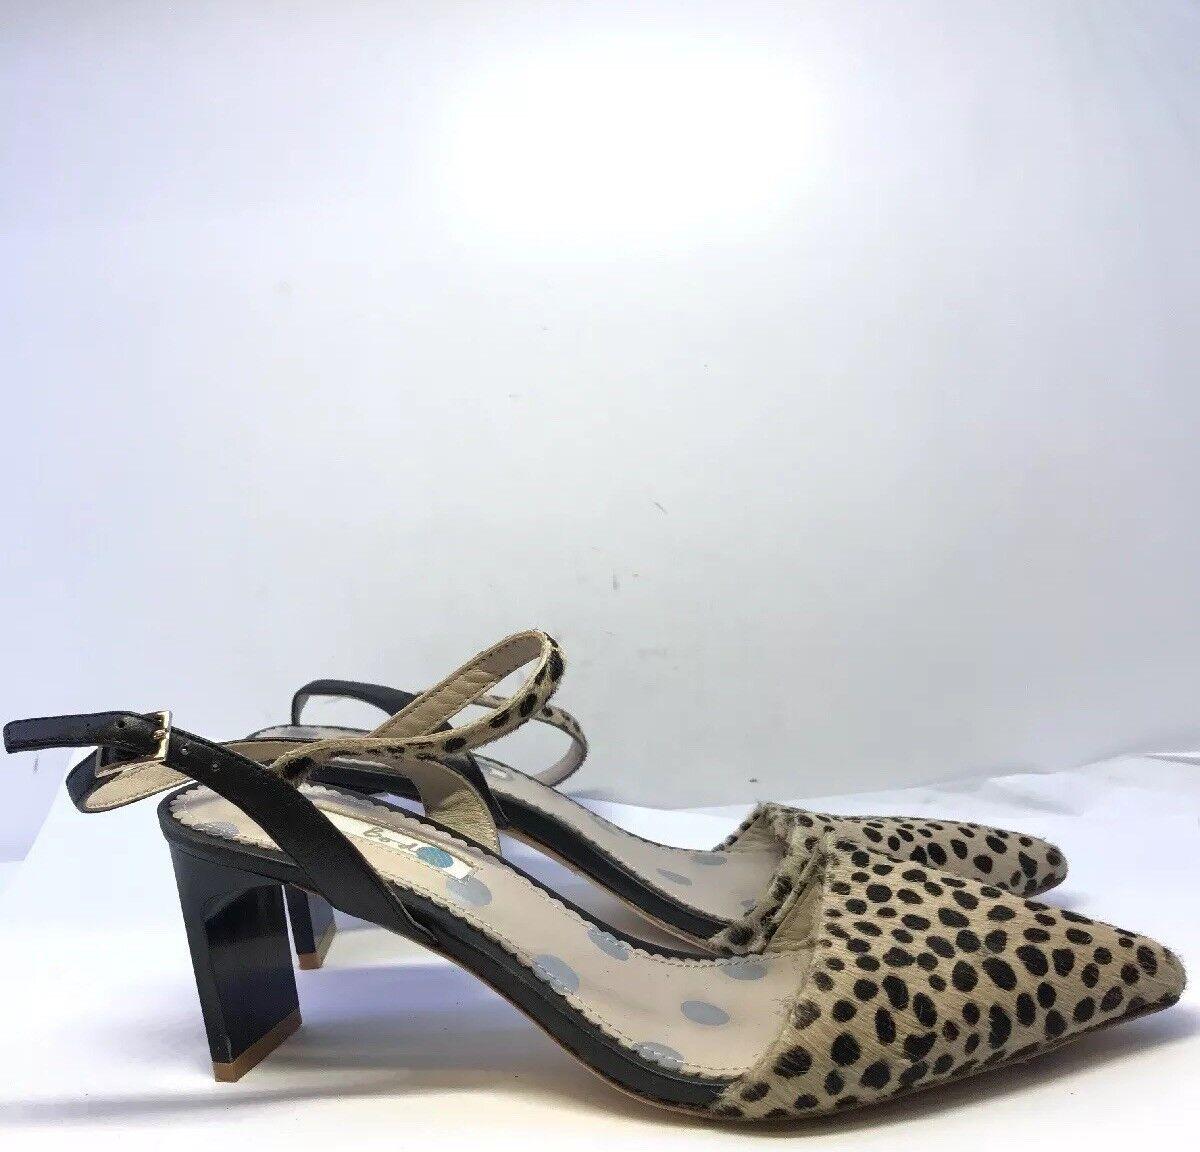 Boden Damenschuhe Pointed Strap Heels Leopard Printed Detail Größe EU 38.5